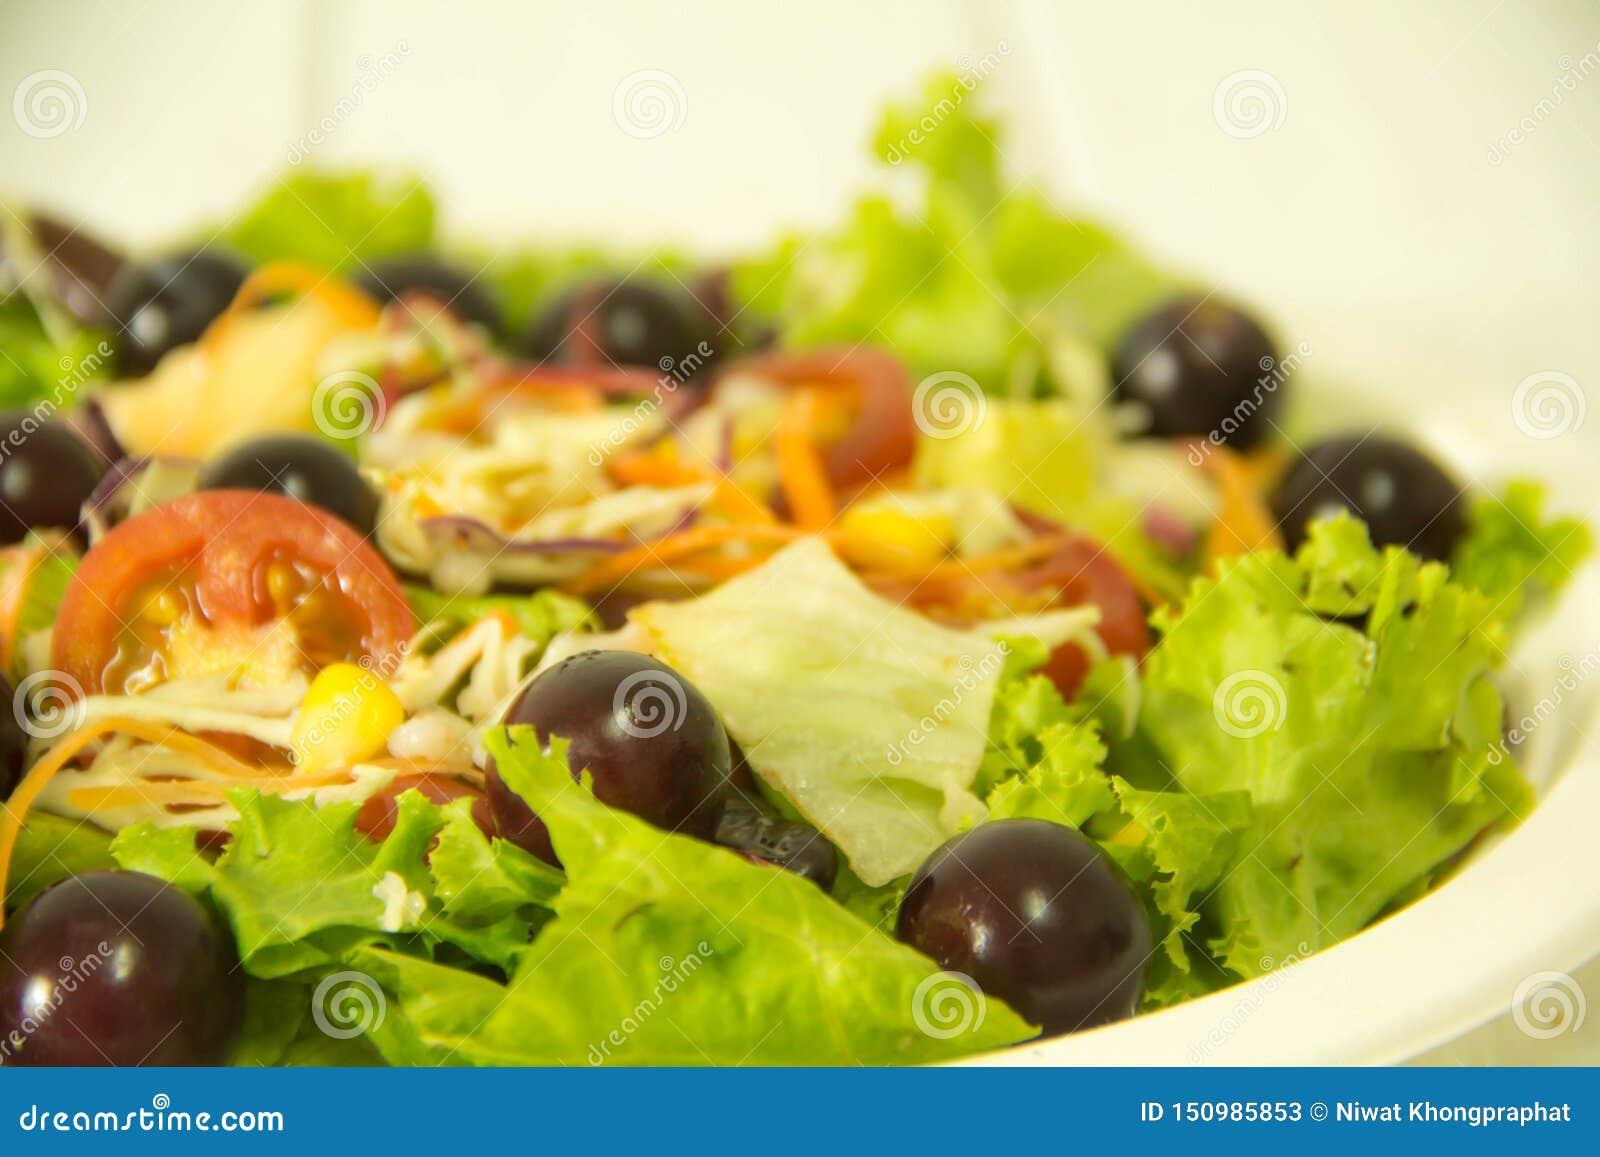 Ensalada verde orgánica y fruta fresca